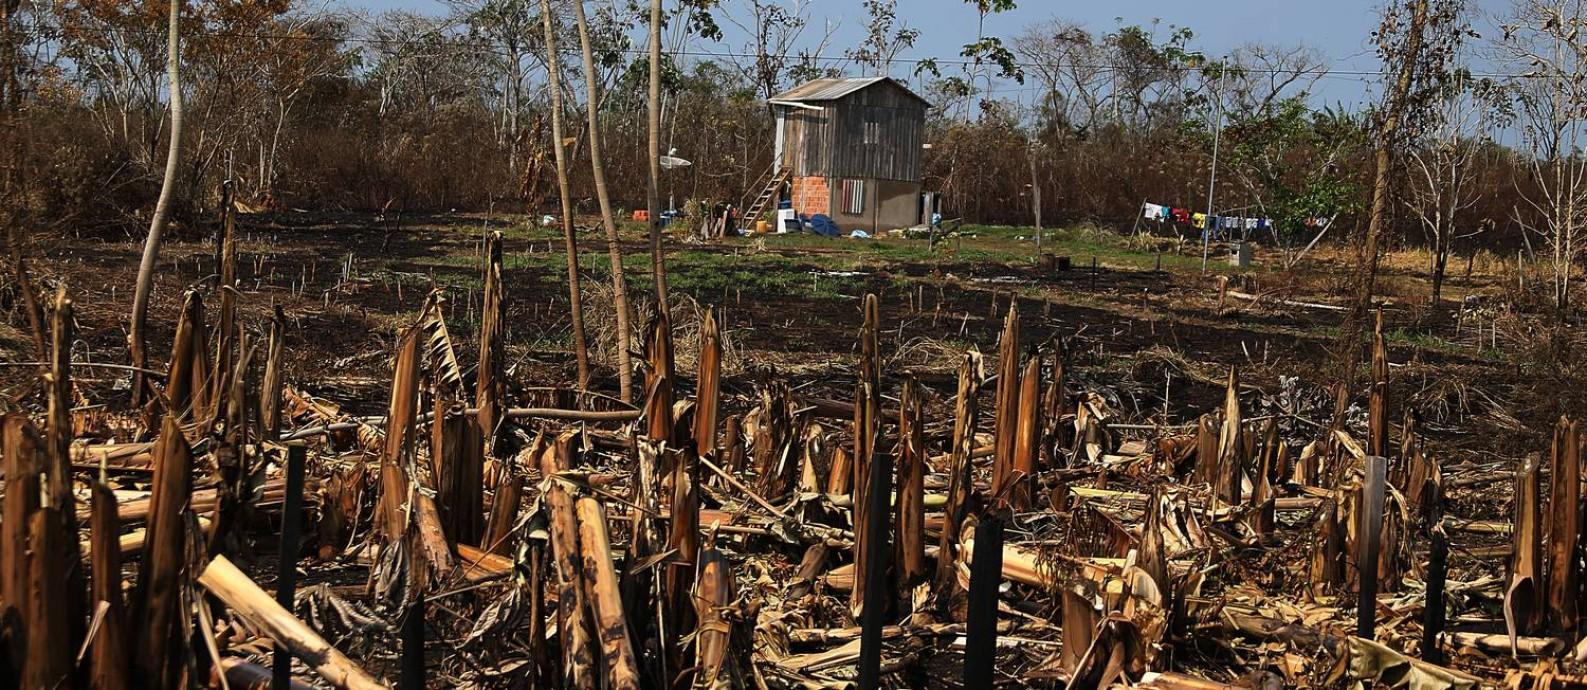 Casa resiste a destroços de uma queimada, no Km 143 da rodovia que liga Rio Branco a Xapuri, no Acre Foto: Jorge William / Agência O Globo